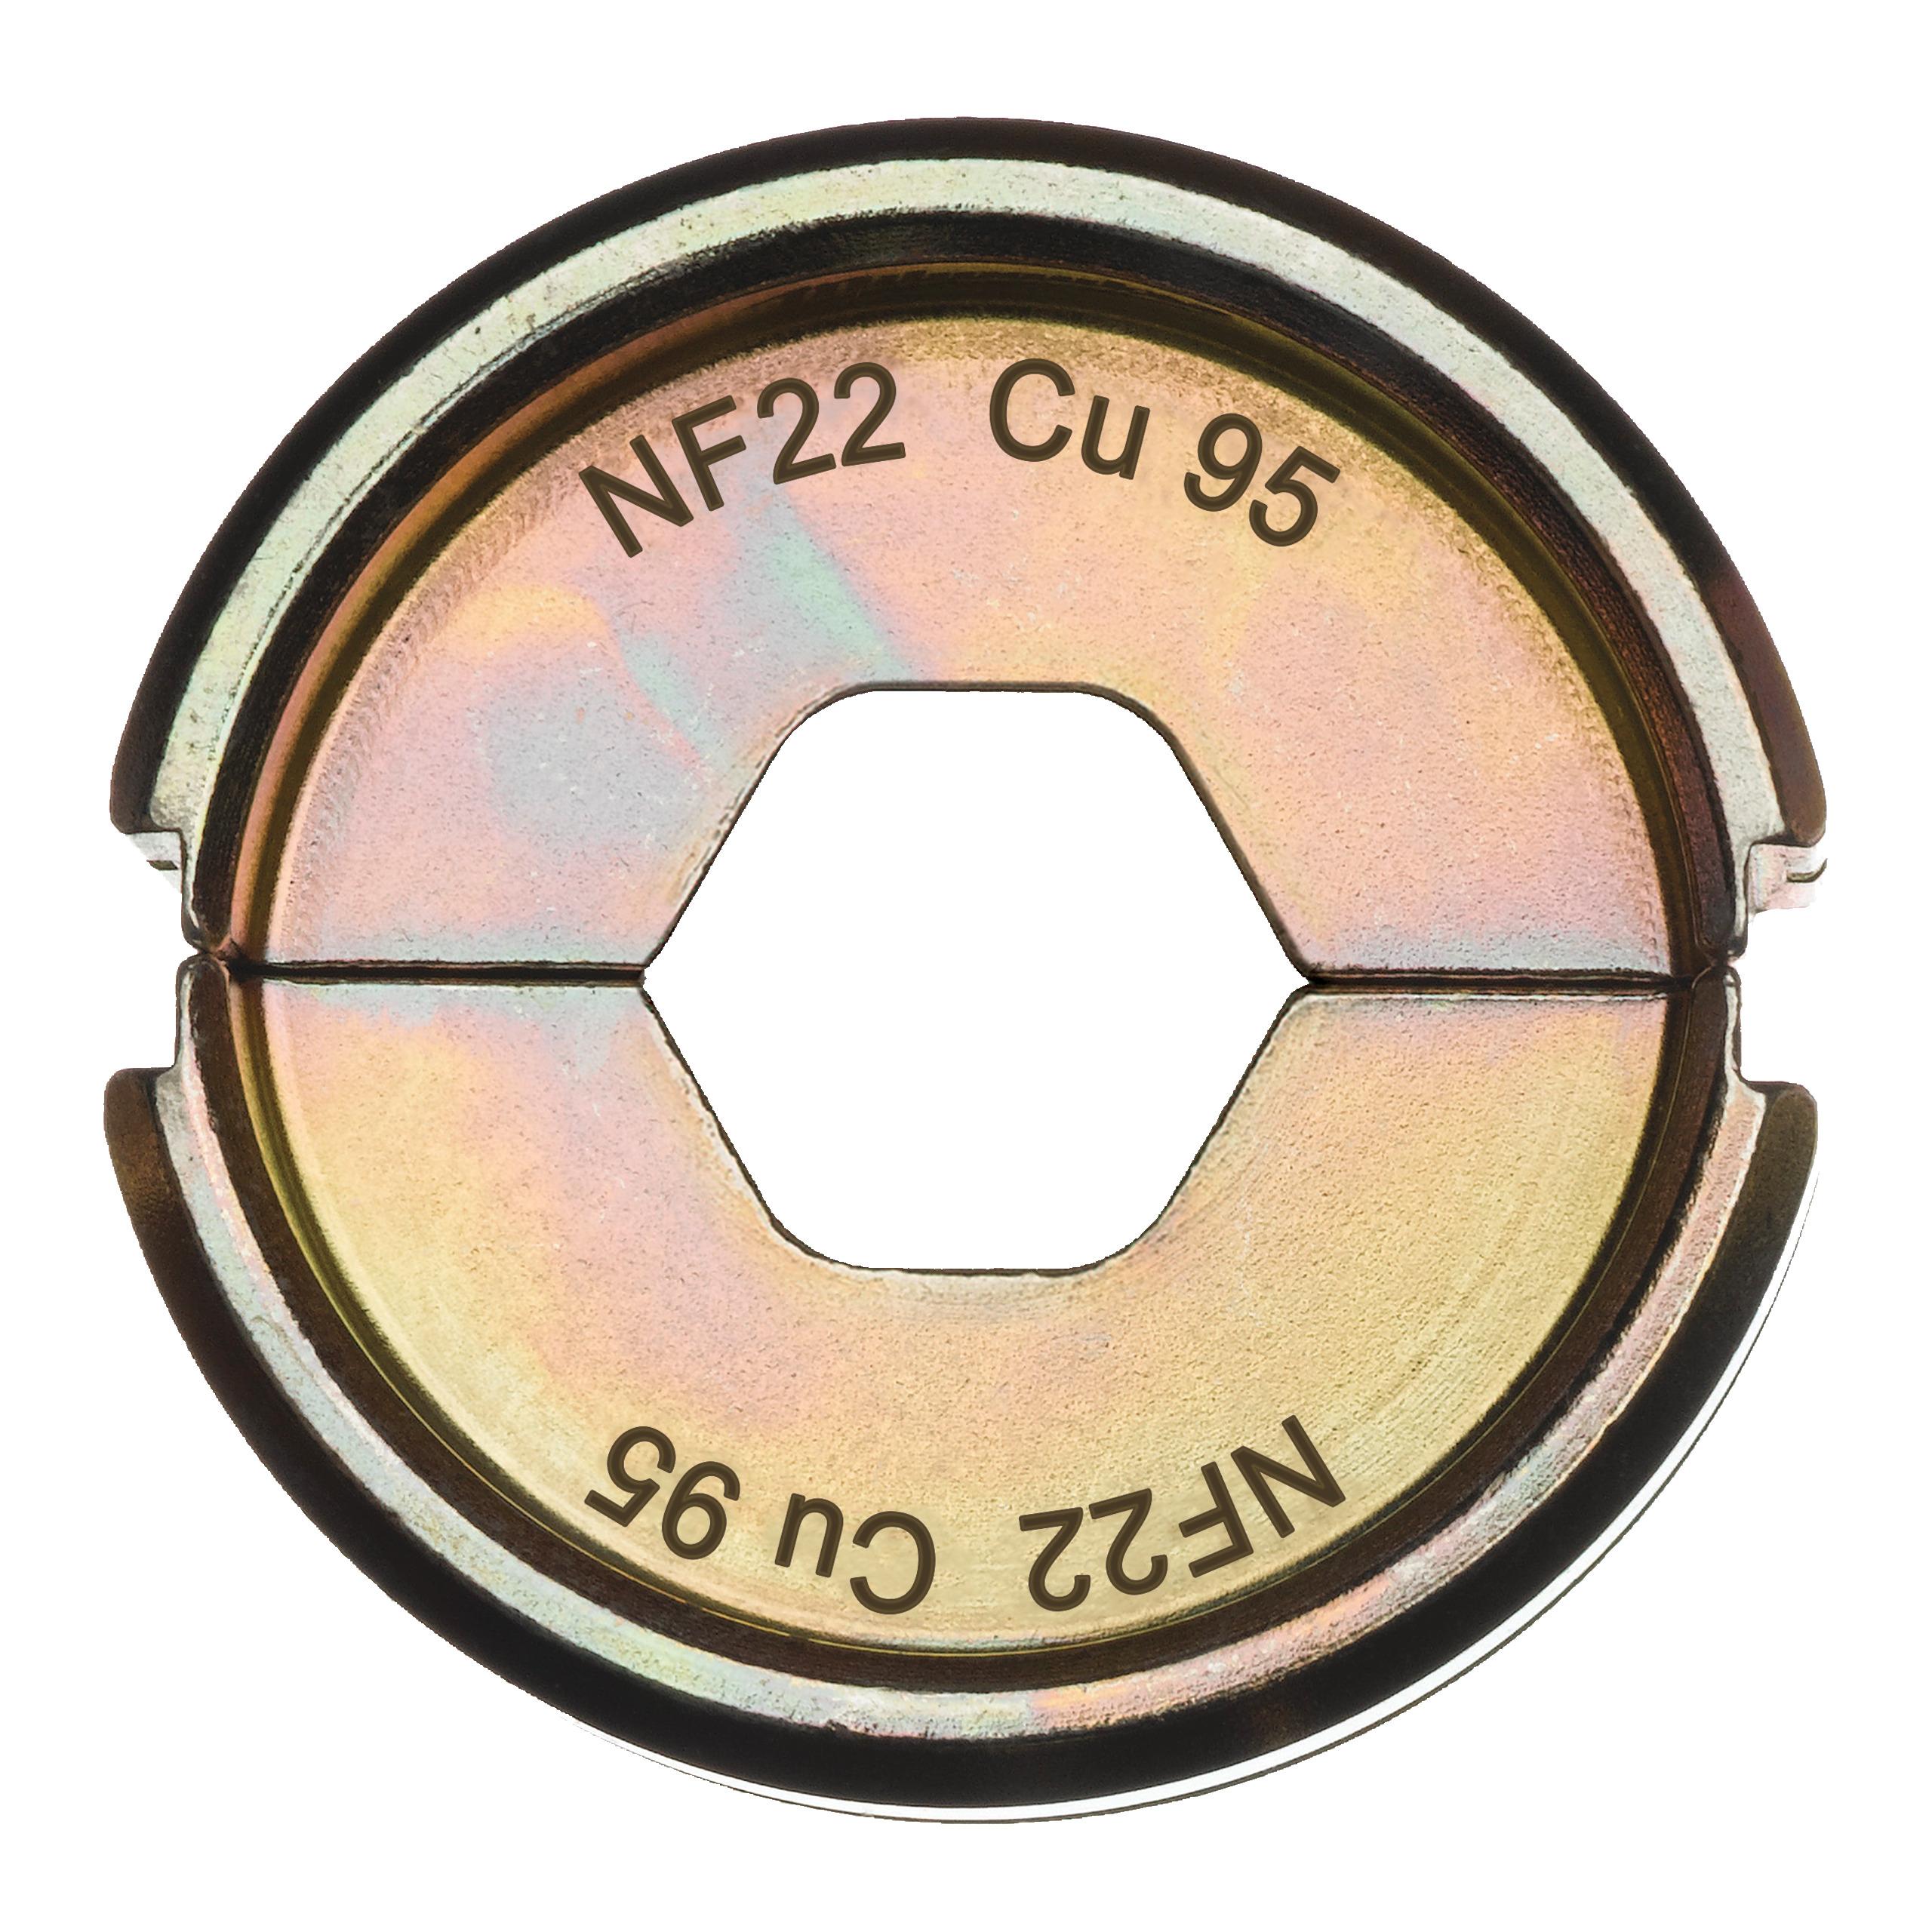 Krimpovací čelisti  NF22 Cu 95